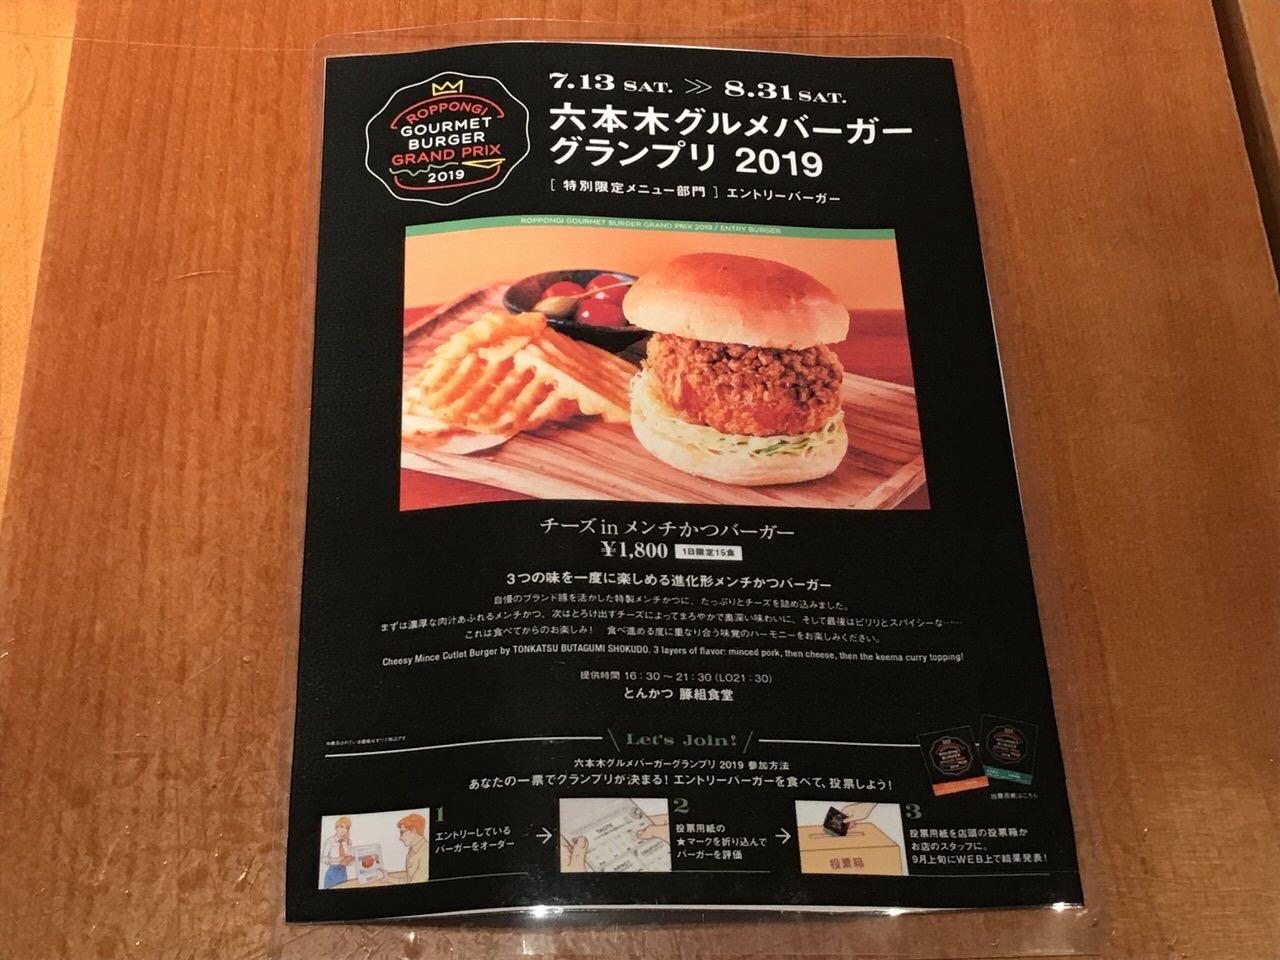 【豚組食堂】「チーズ in メンチかつバーガー」3